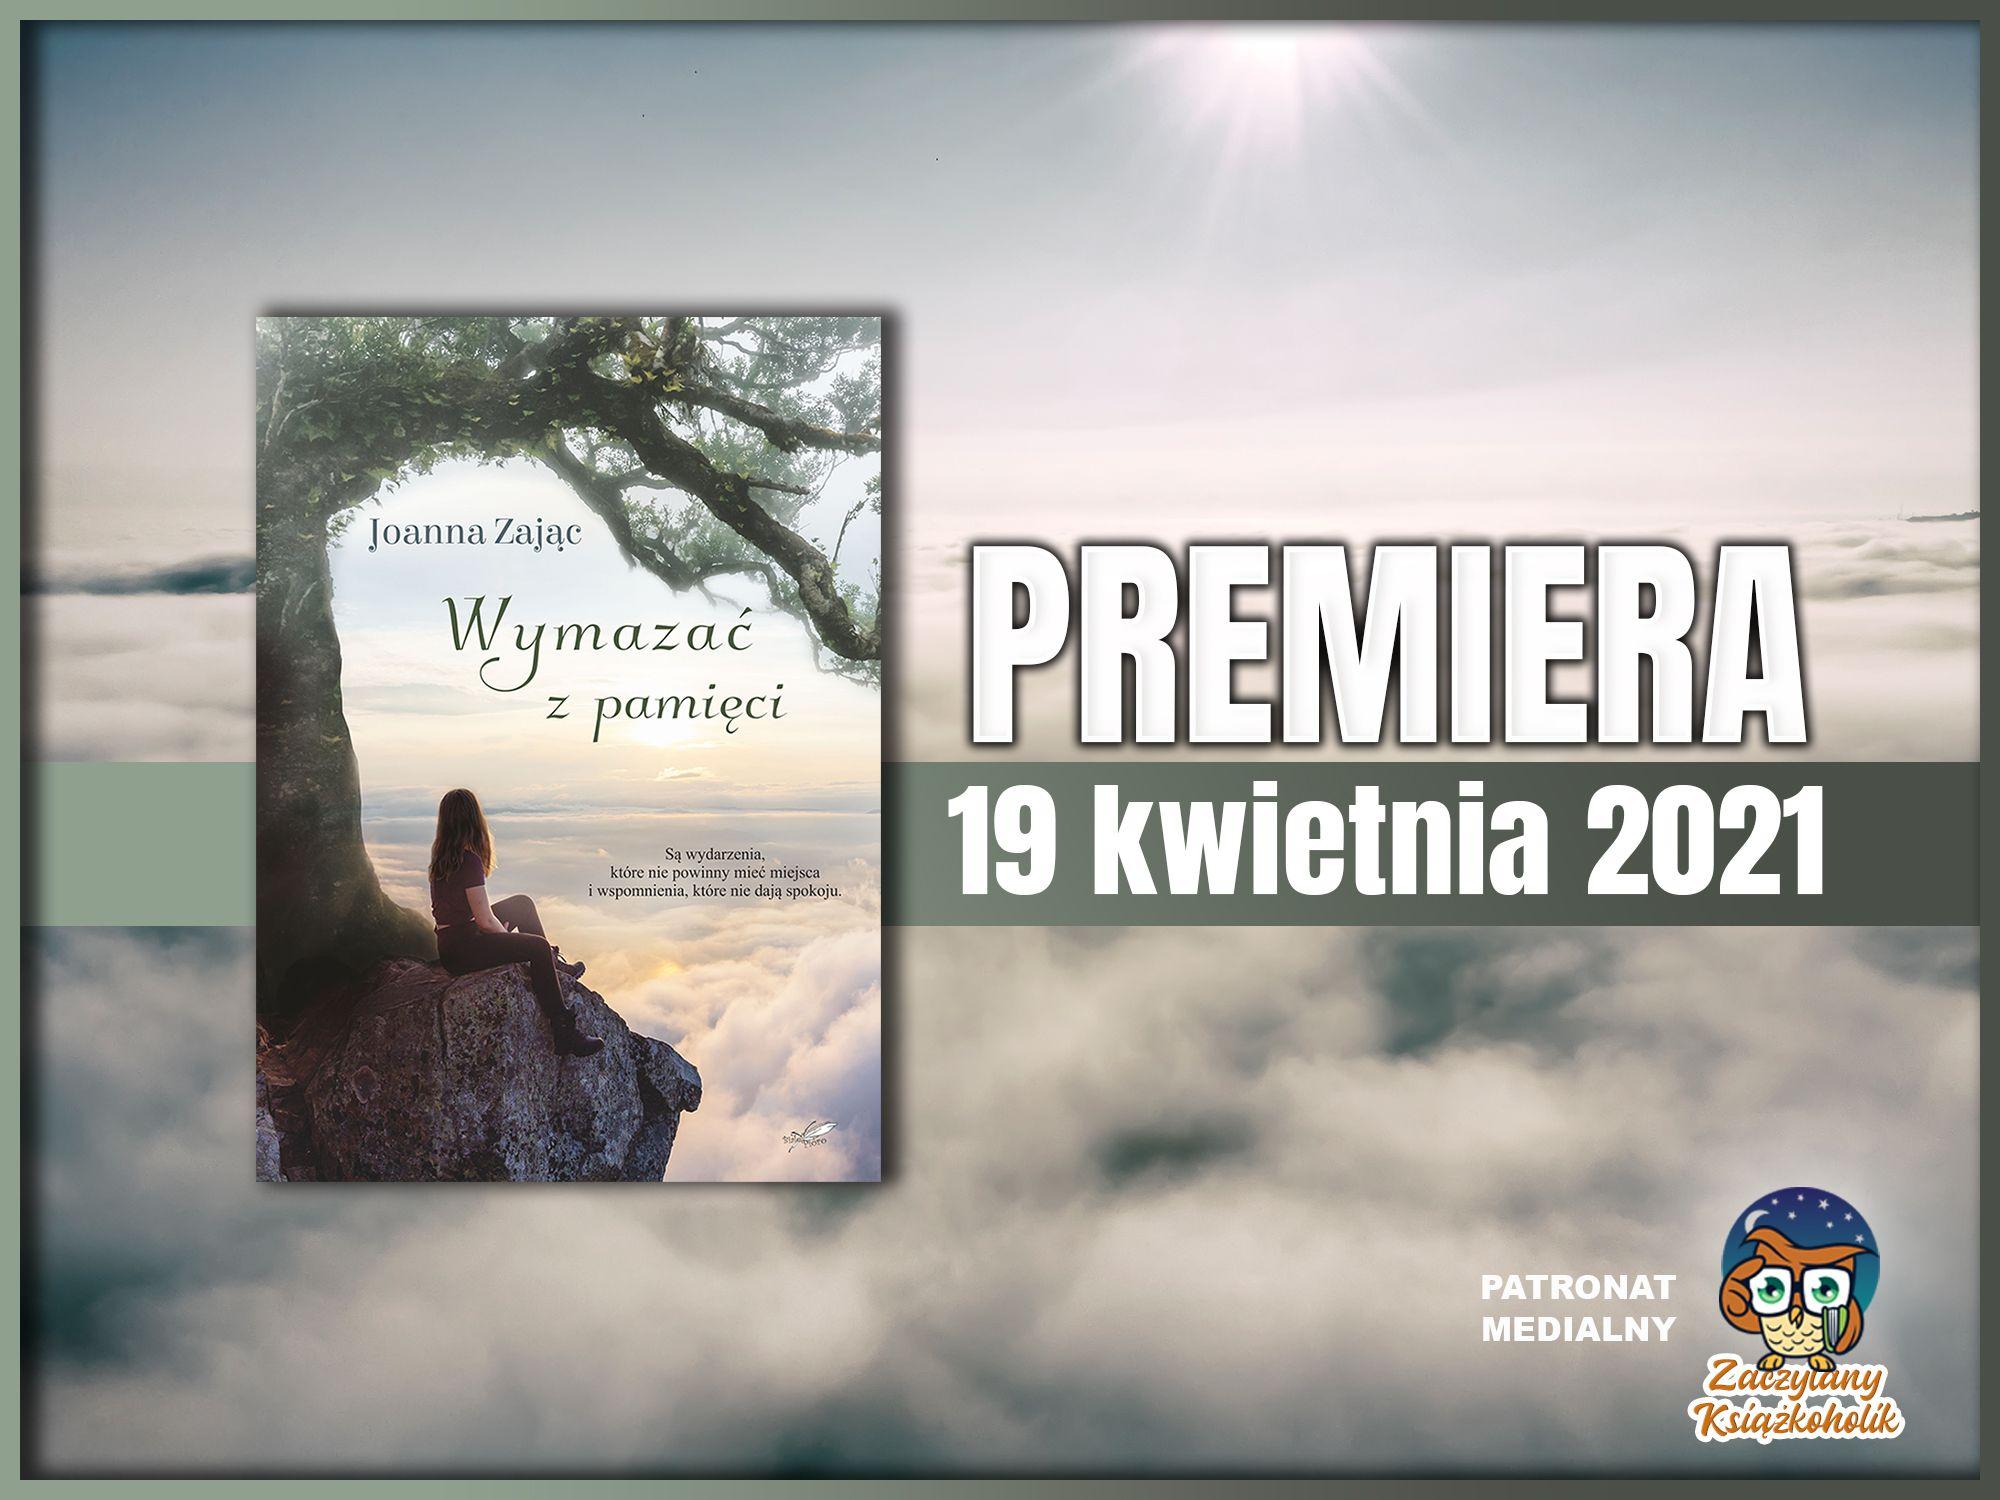 Joanna Zając, Wymazać z pamięci, zaczytanyksiazkoholik.pl